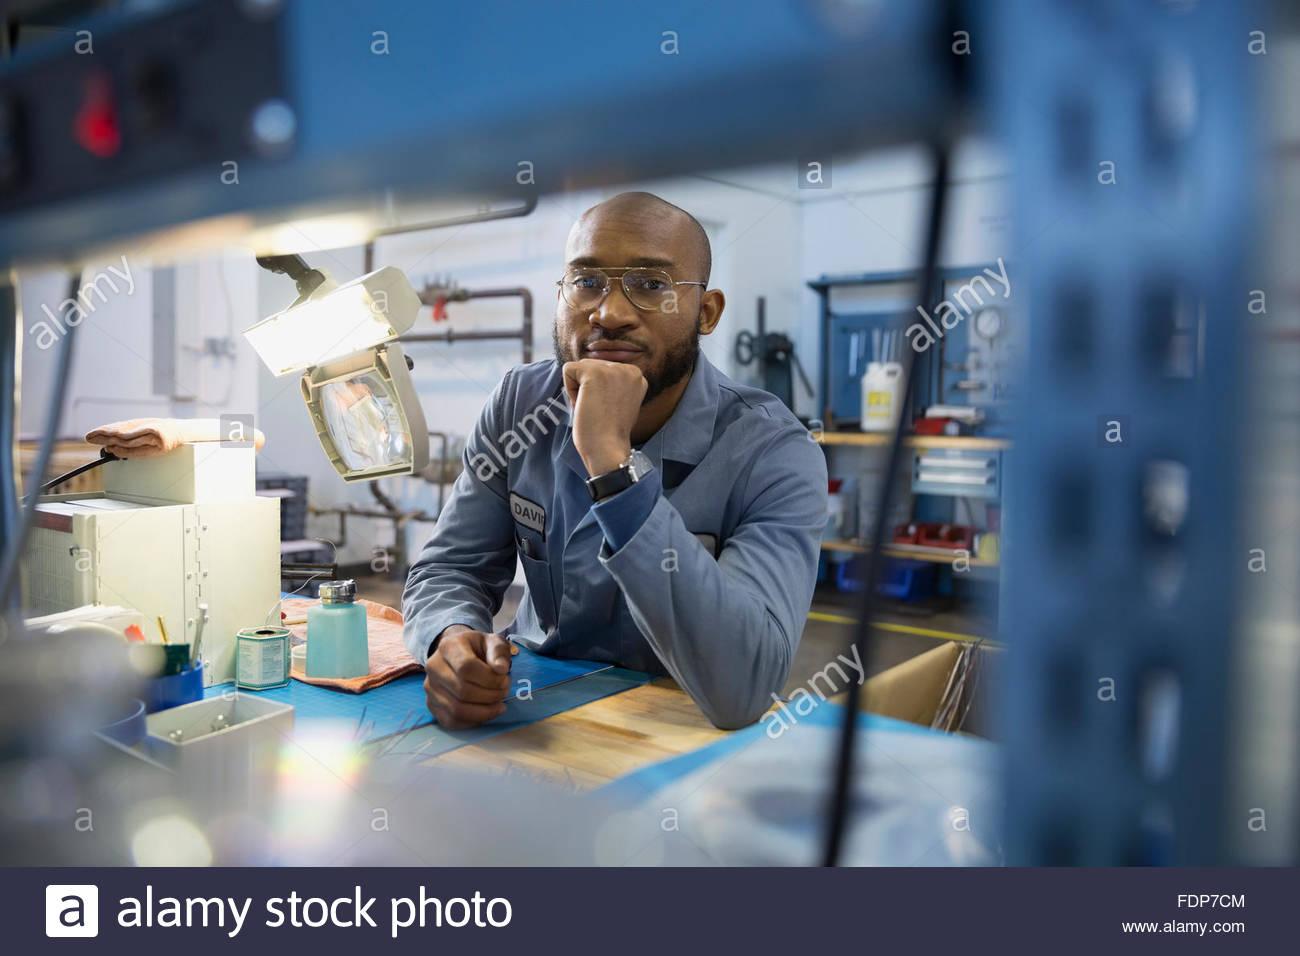 Porträt ernst Arbeiter in Werkshalle Stockfoto